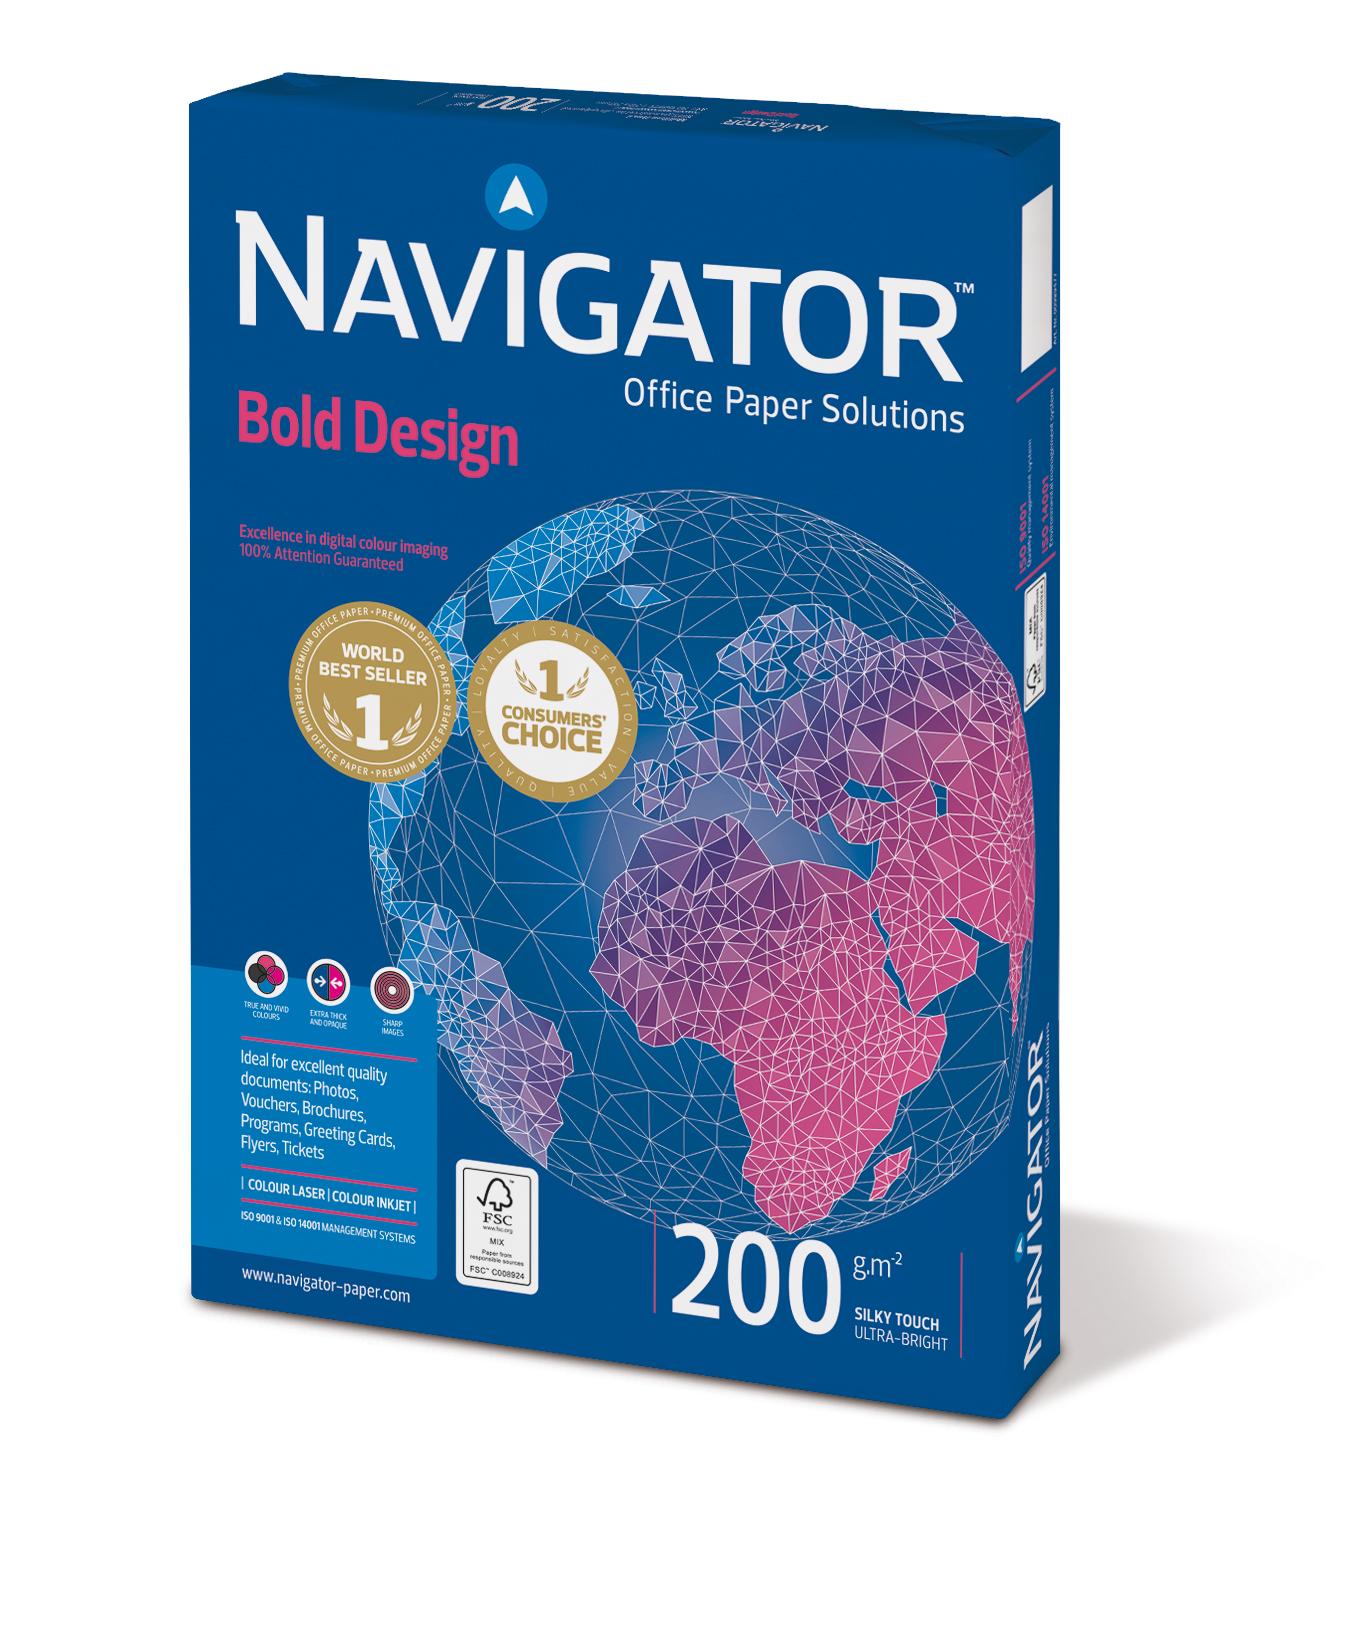 Navigator Bold Design Kopierpapier 200g/m² DIN-A4 150 Blatt weiß